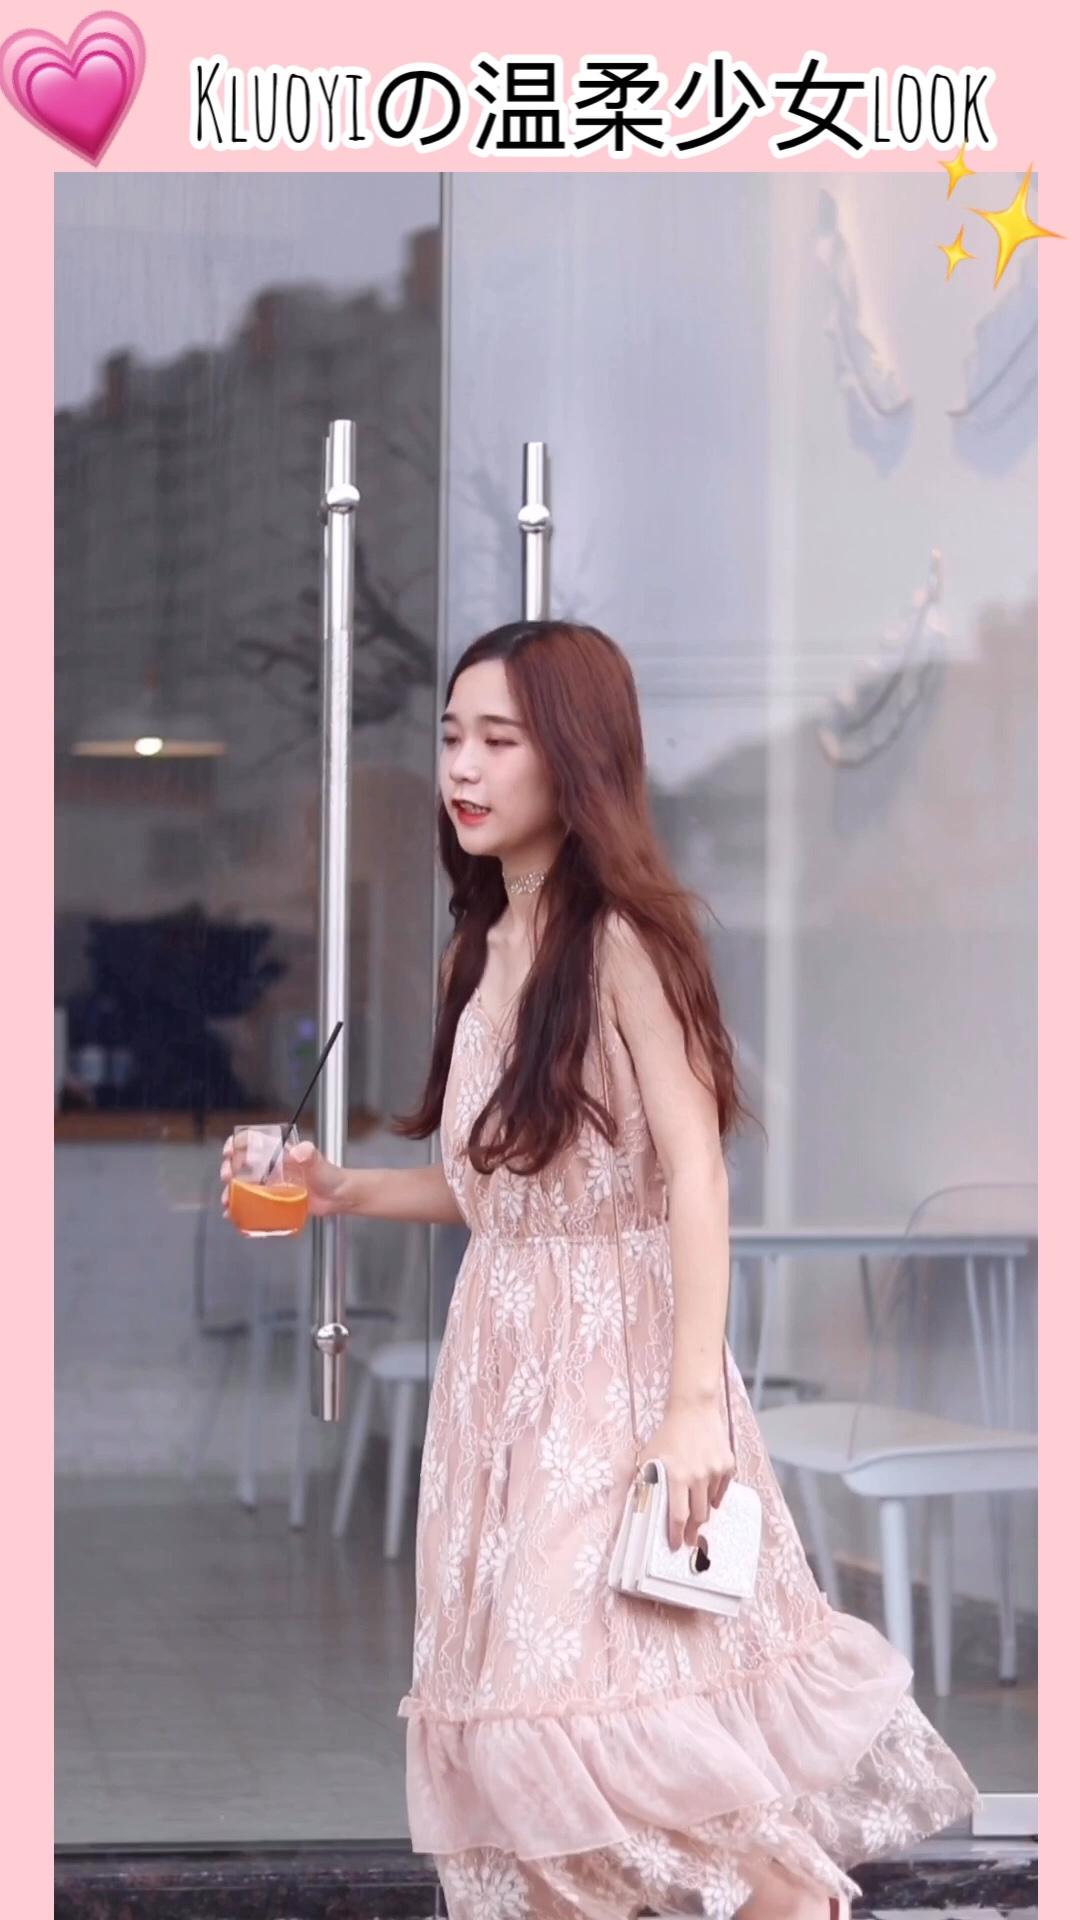 #热炸天,穿的轻薄才解暑# 很仙女的网红裙呀 穿上非常显气质~ 而且轻薄好看 适合夏日穿哦 搭配的包包和鞋子都是浅色系的 非常温柔气质呢 卷了个蛋卷头 更显洋气呢